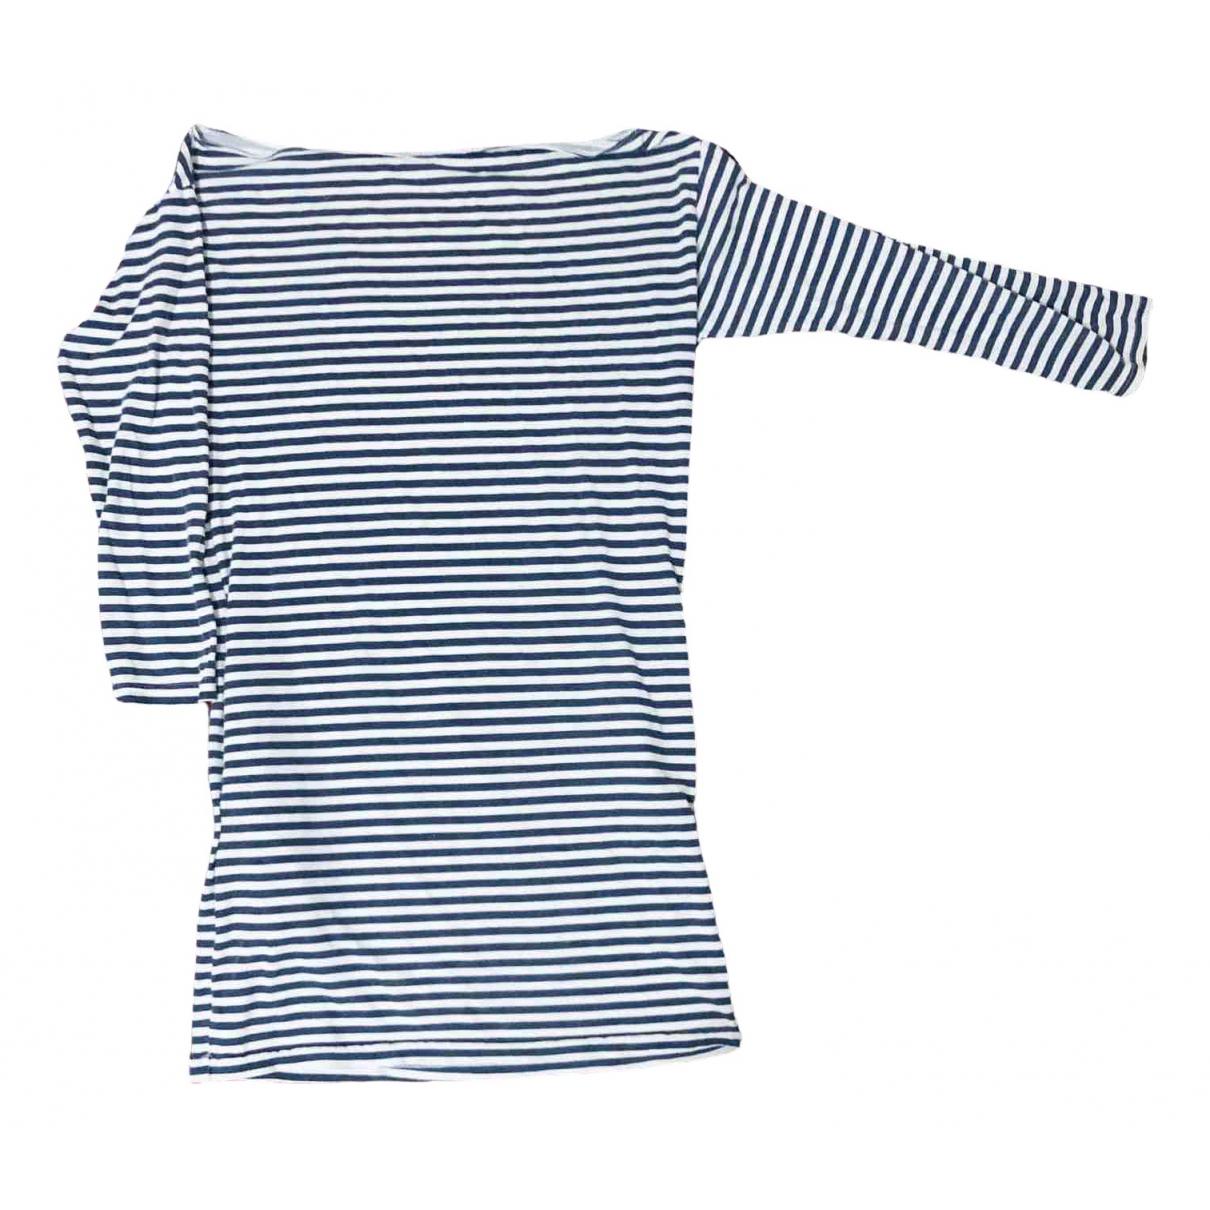 American Apparel \N Kleid in  Blau Baumwolle - Elasthan